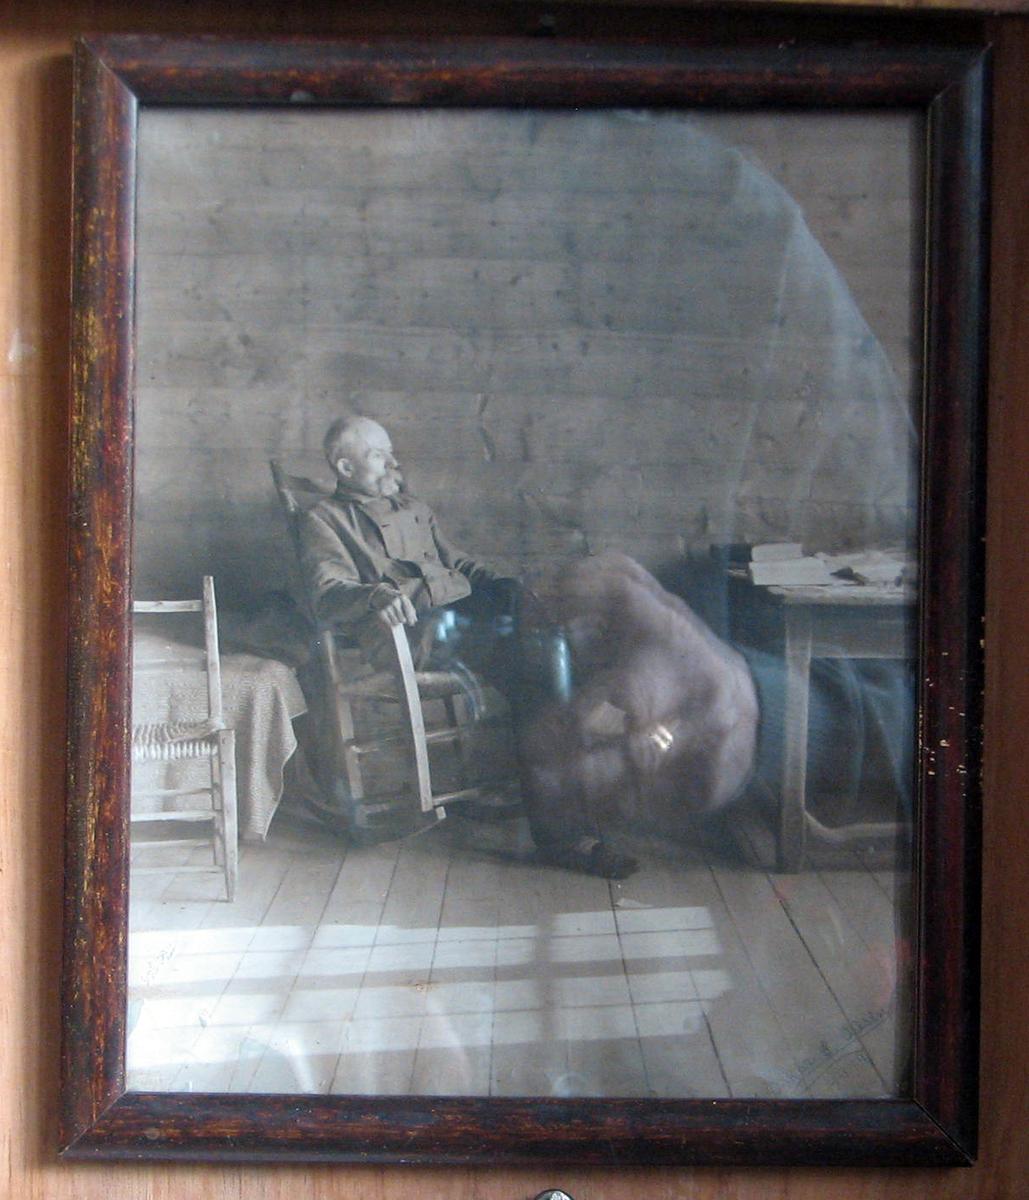 Rektangulært. A. Garborg sittende i gyngestol; høyrev.; snipp av divan og stol.